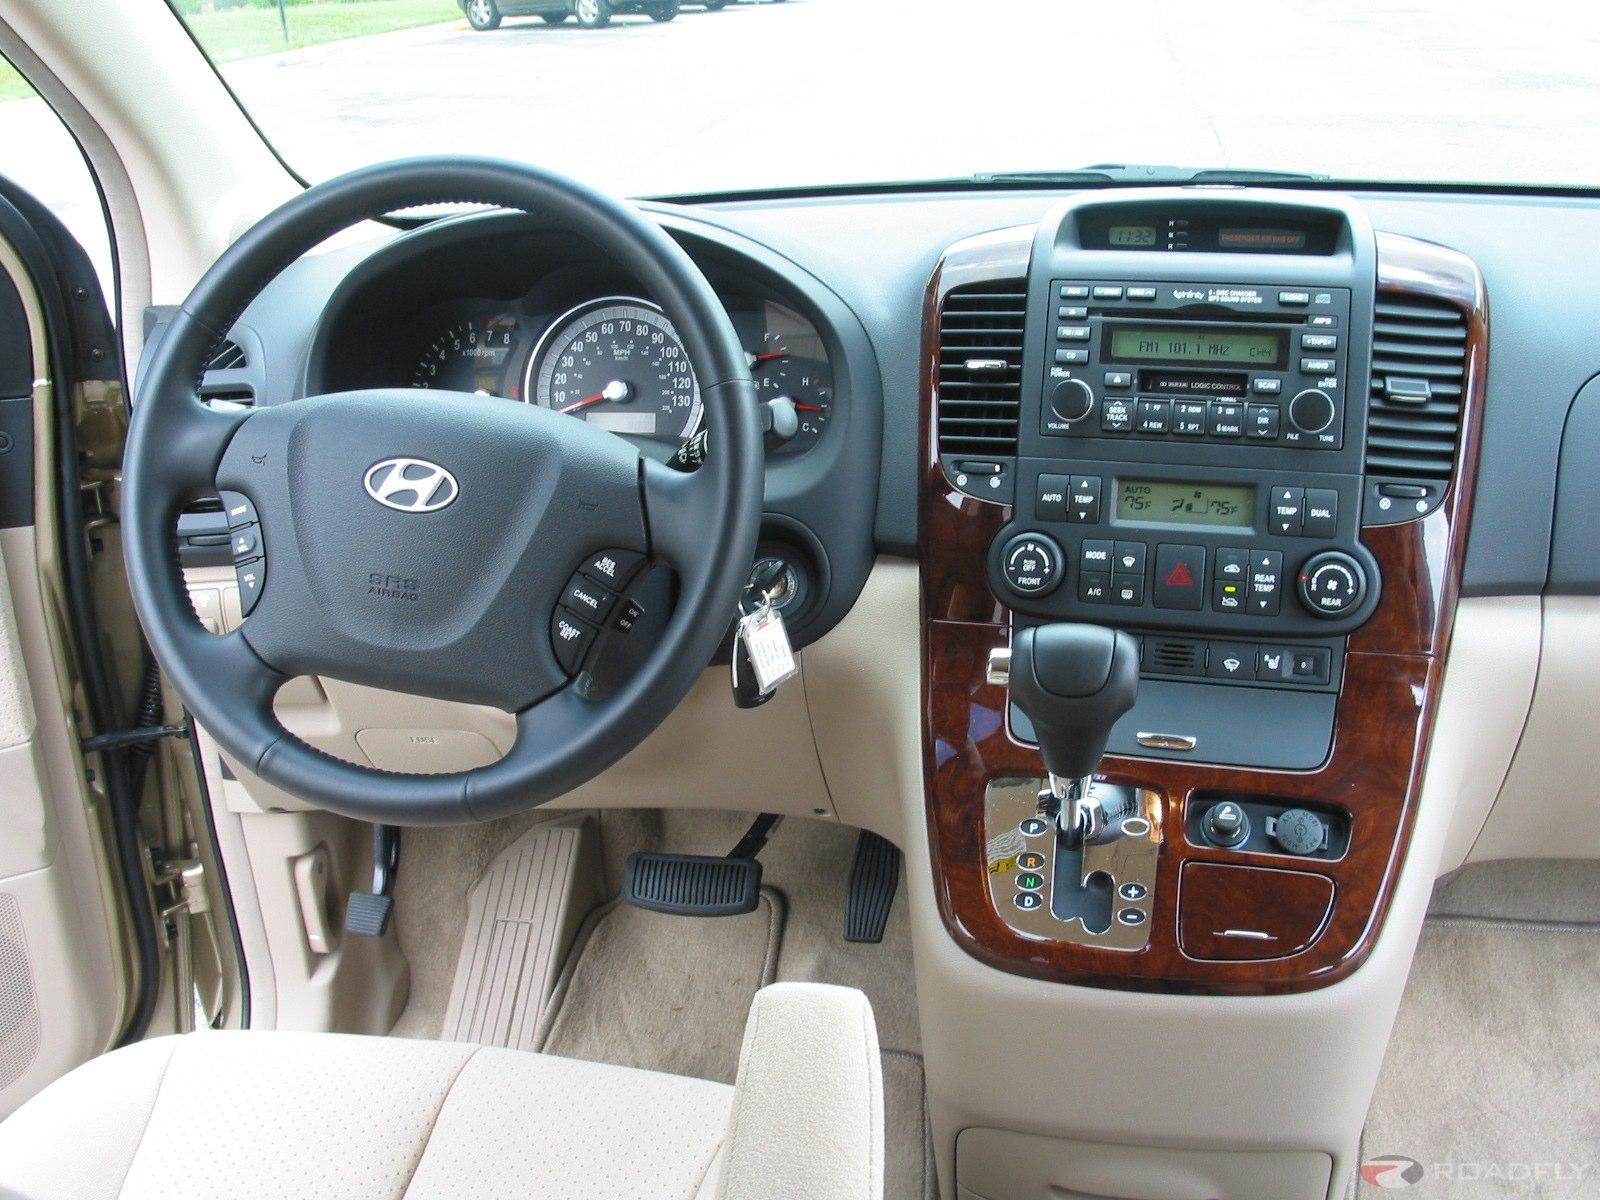 2007 Hyundai Entourage 17